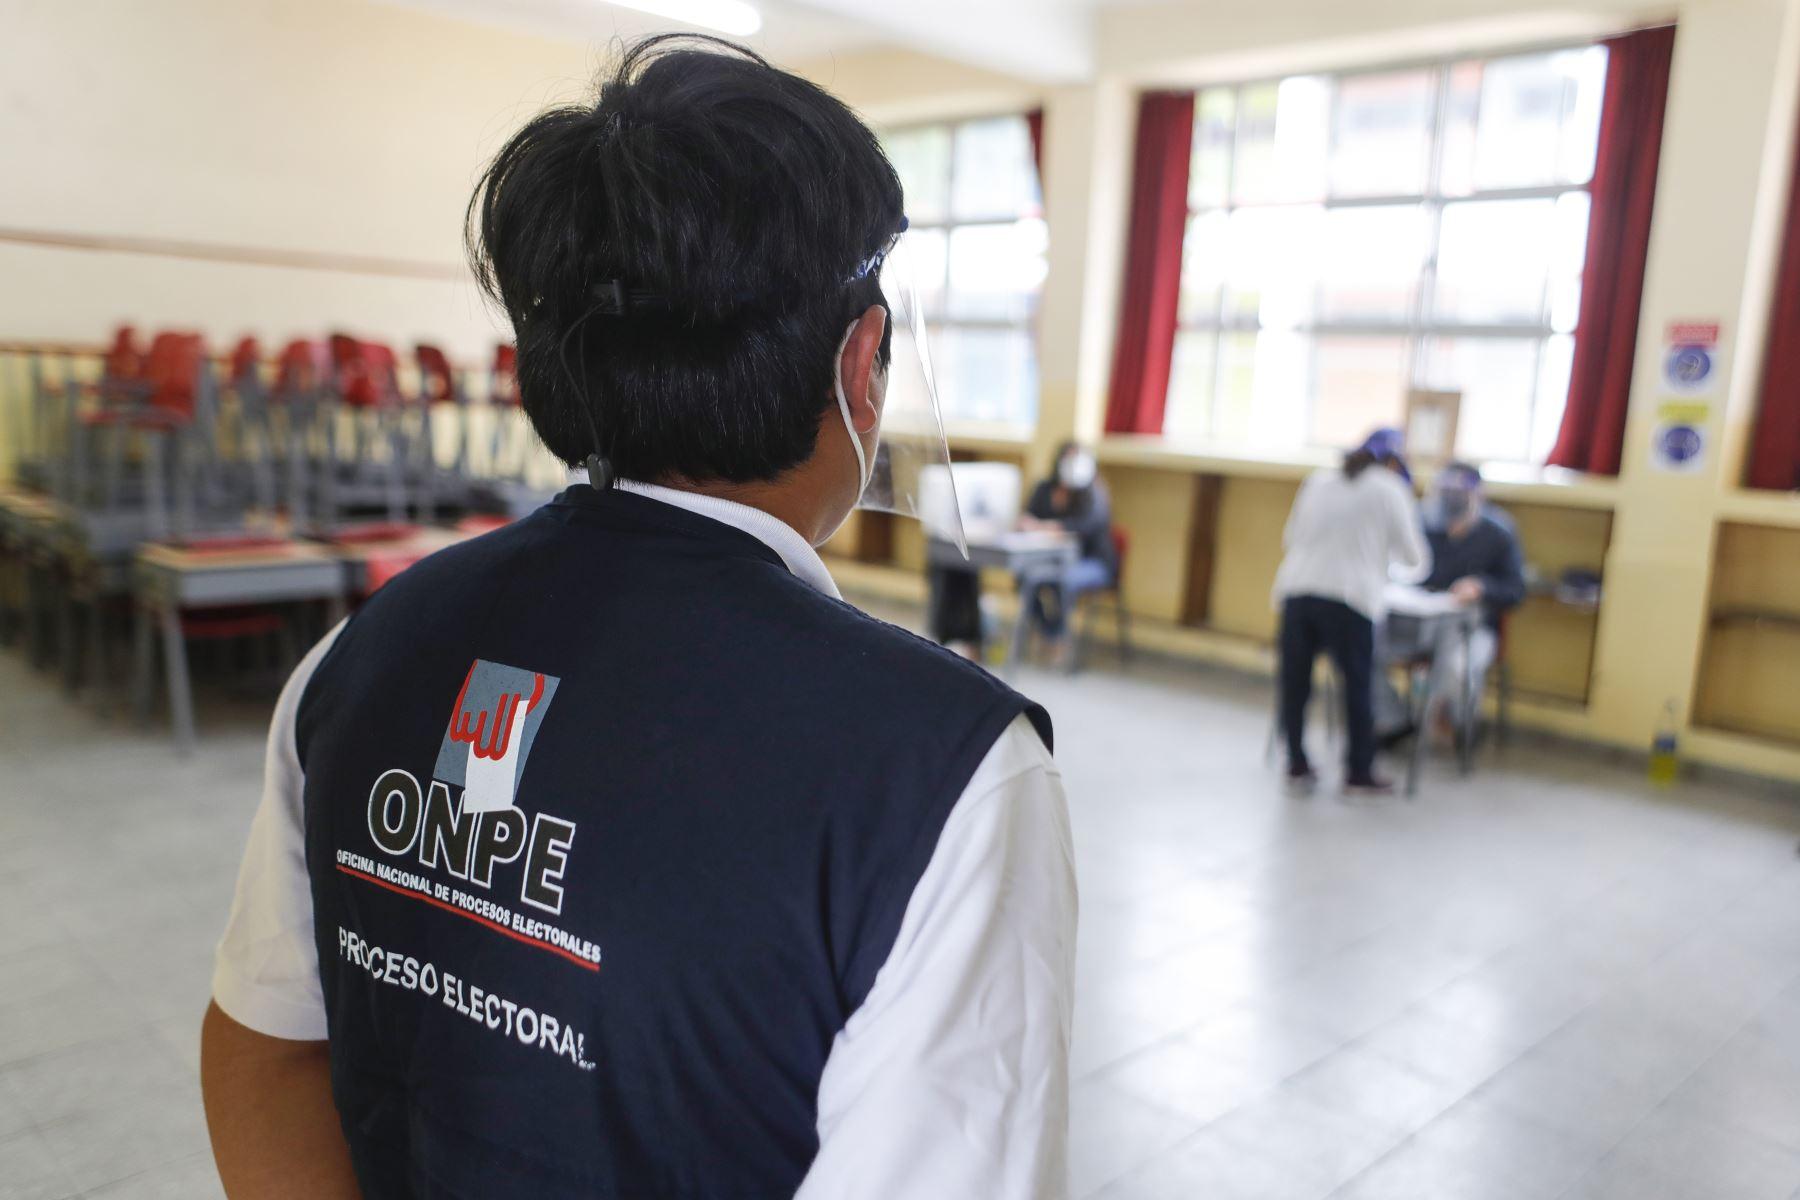 Partidos Políticos participan masivamente en las elecciones internas que se realizan desde las 07:00 horas de hoy en todo el país, como parte de las Elecciones Generales 2021 y elijan a sus mejores cuadros. Foto: ANDINA/Renato Pajuelo